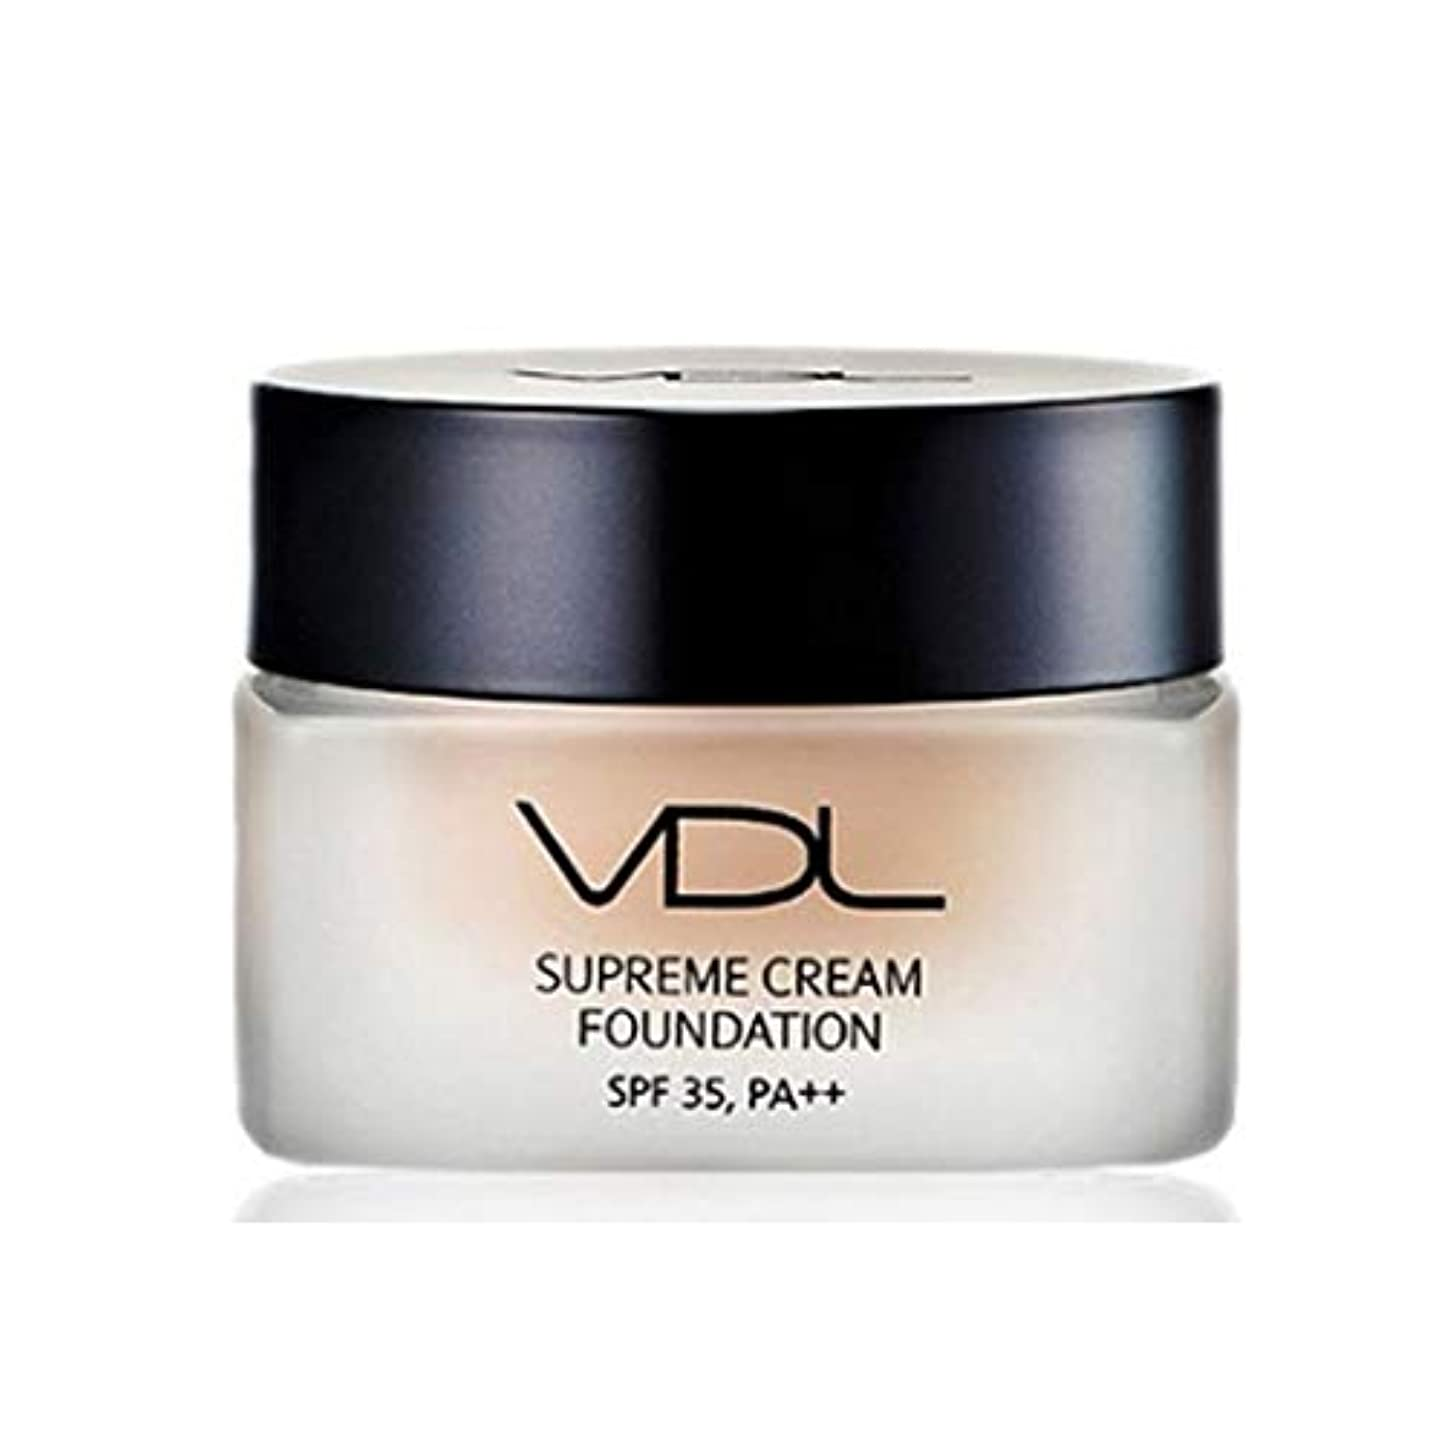 自明広告する優先権VDLスプリームクリームファンデーション30ml SPF35 PA++ 4色、VDL Supreme Cream Foundation 30ml SPF35 PA++ 4 Colors [並行輸入品] (A02)